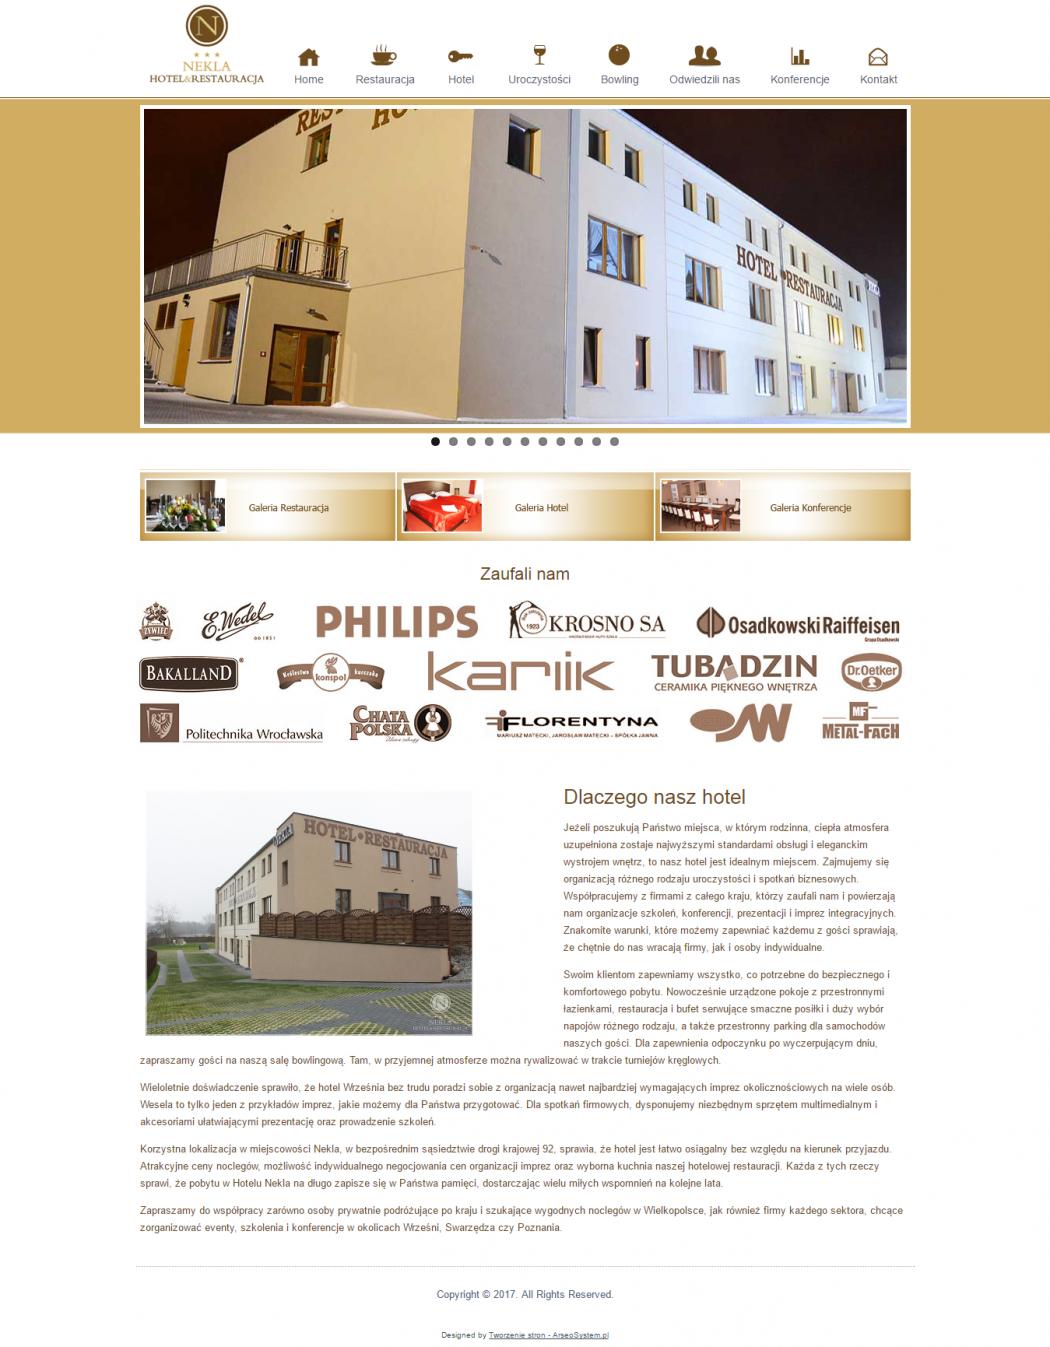 Września - Hotel